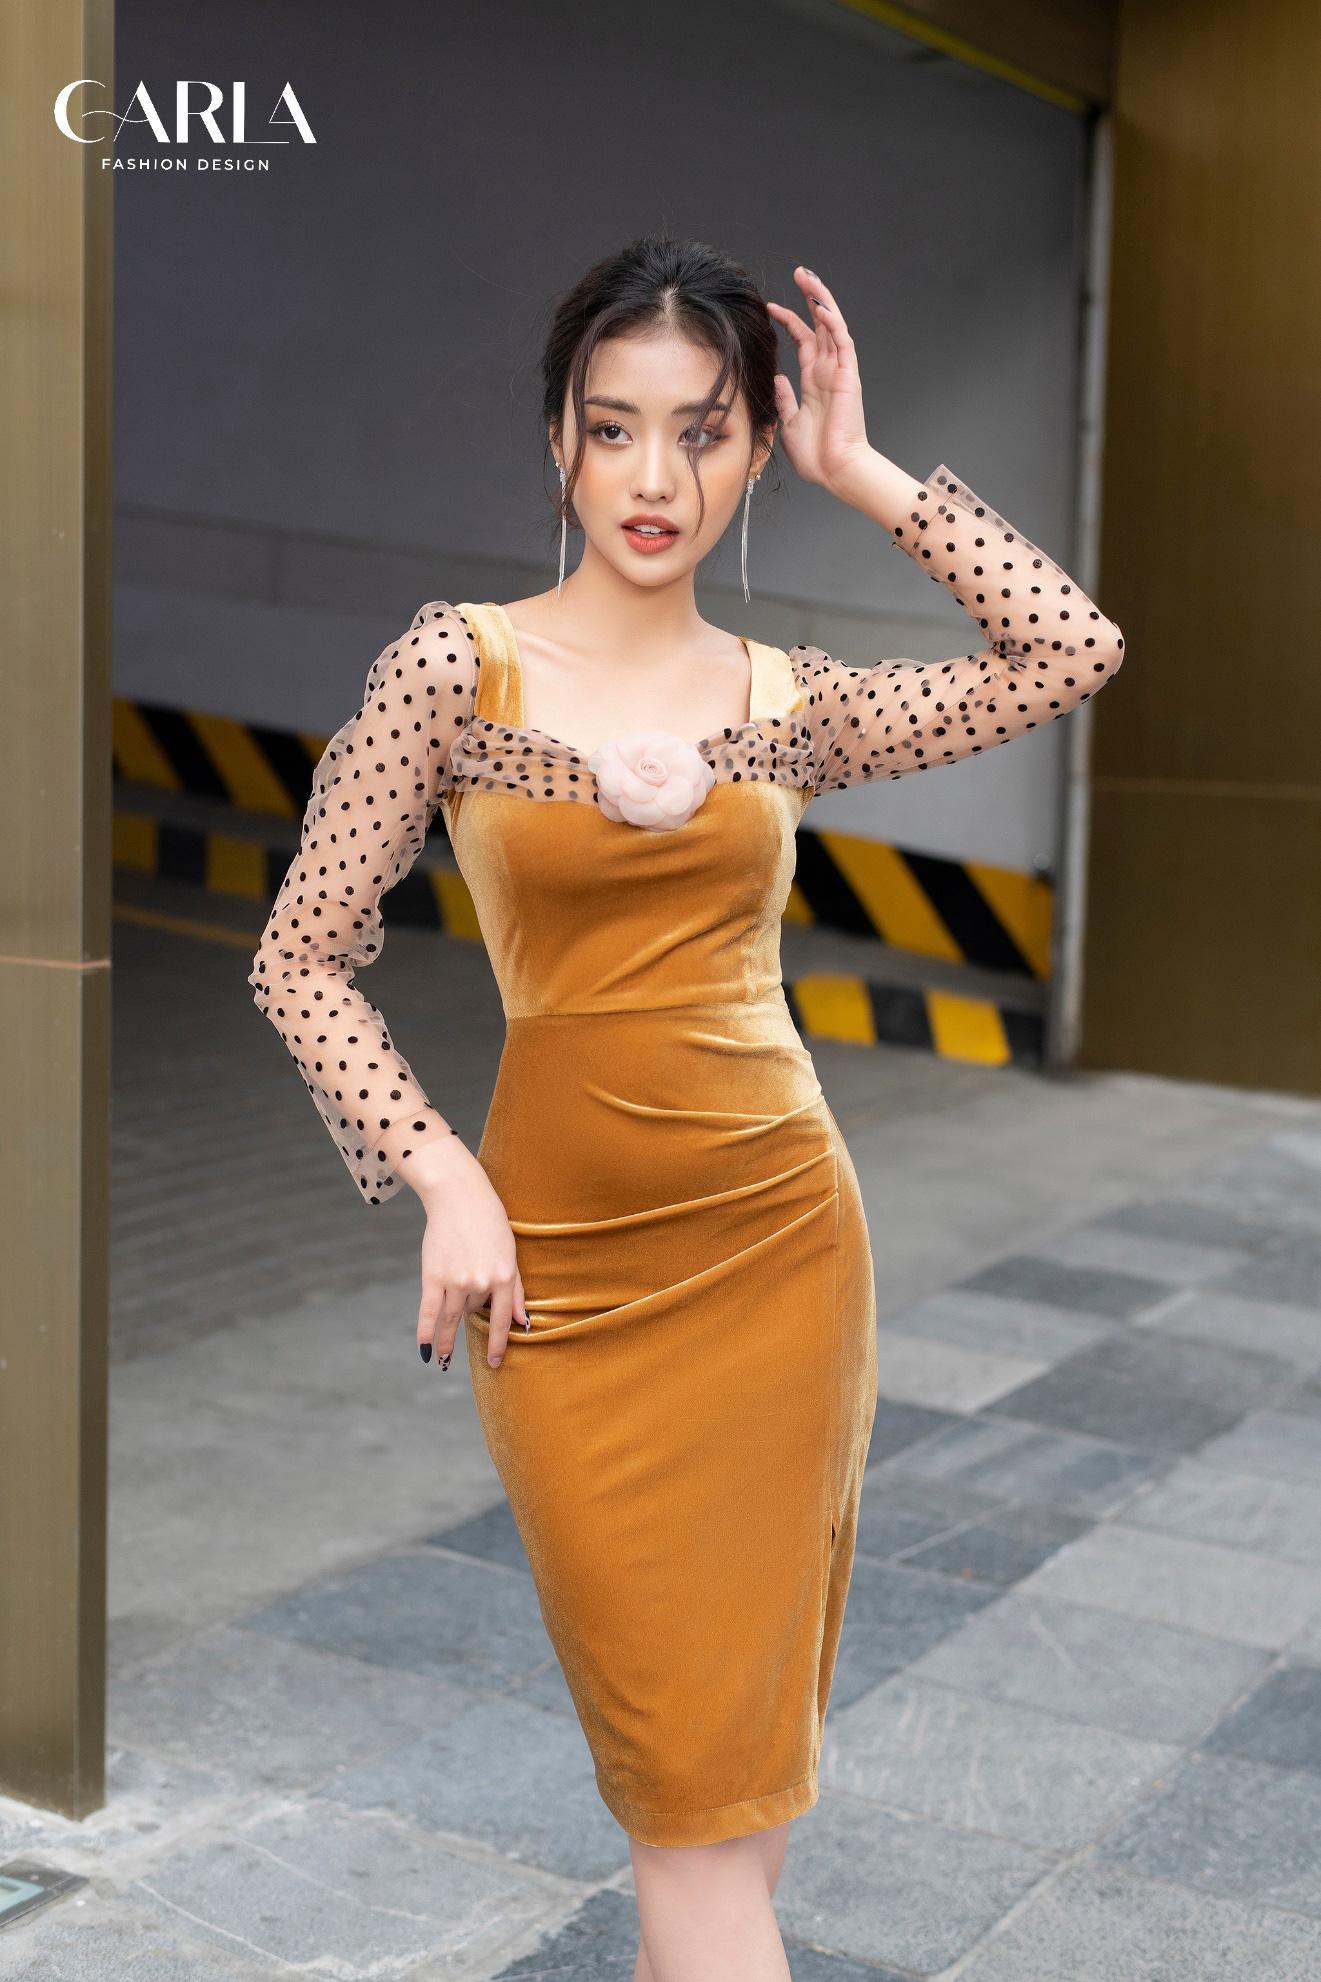 Carla Fashion tự tin chinh phục tín đồ thời trang - Ảnh 4.